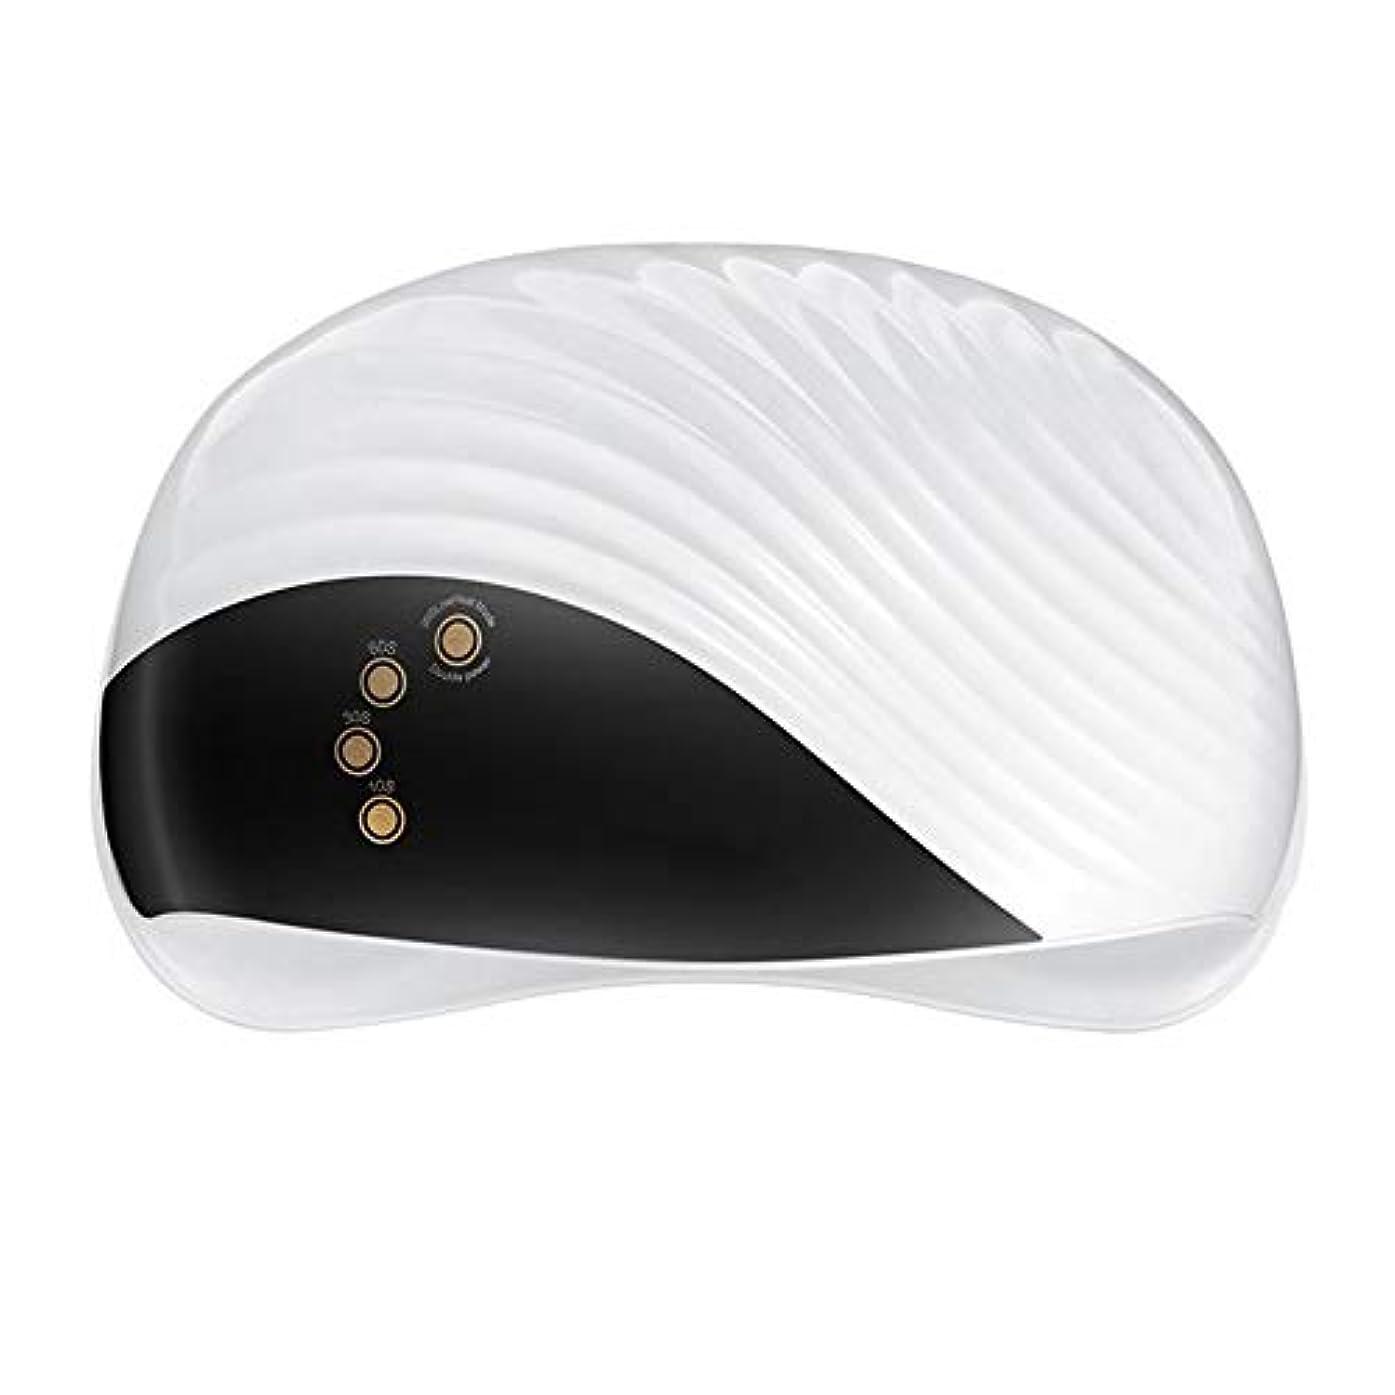 蘇生する無線クランシーLED UVネイルライト、300W高速誘導糊の乾燥機、デュアル赤外線光源インテリジェント応答